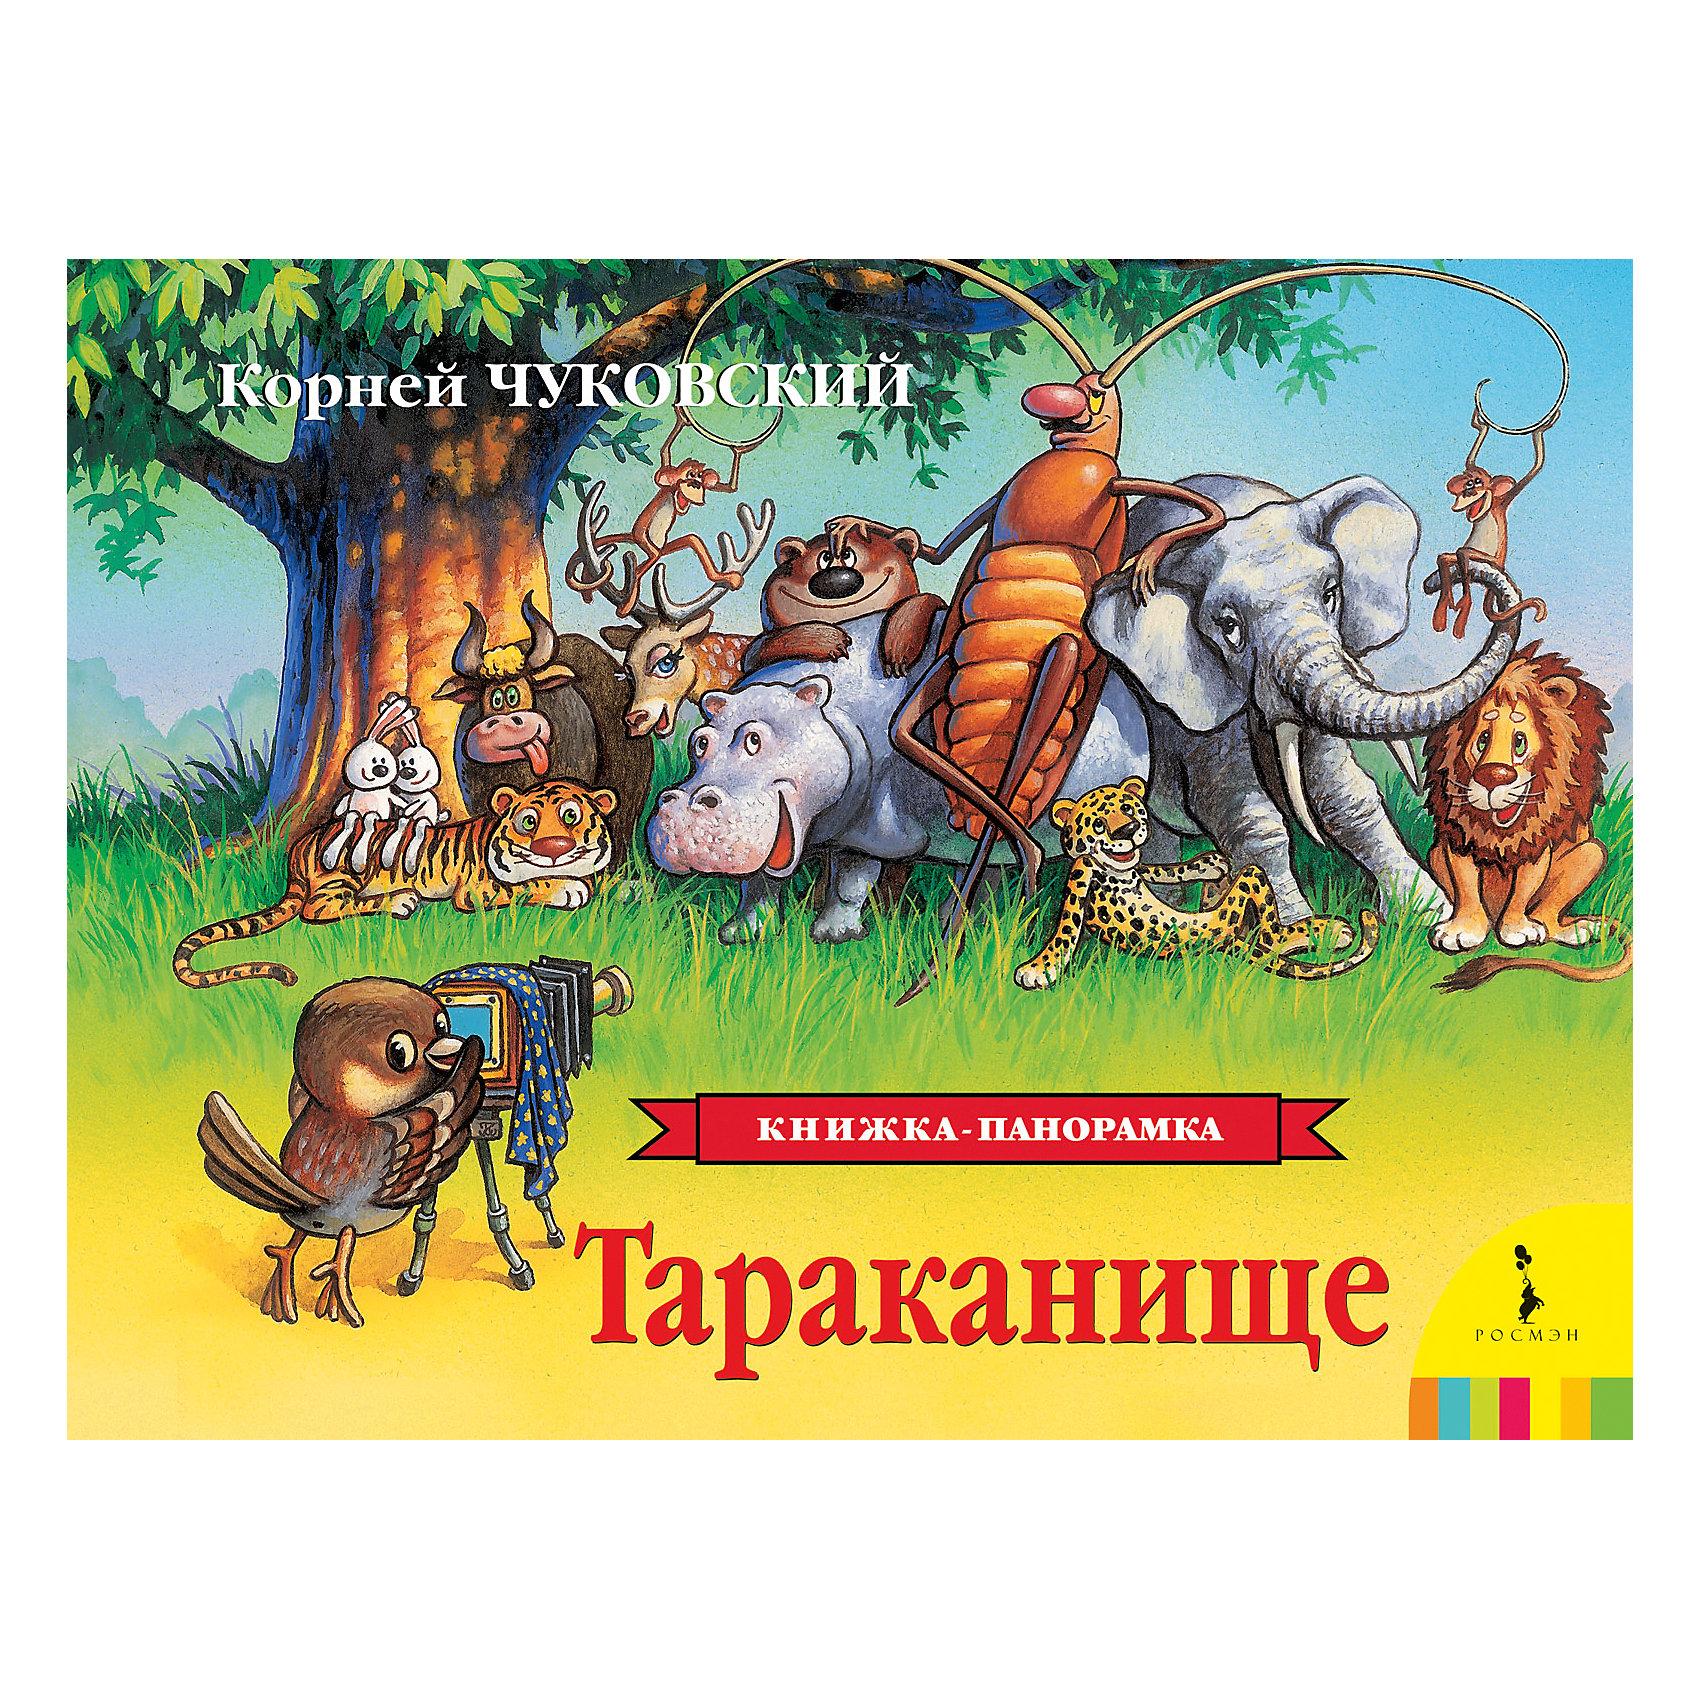 Панорамная книжка ТараканищеСерия панорамных книг включает все самые известные детские стихи и сказки. На каждом развороте раскрываются объемные панорамные конструкции и любимые персонажи оживают, а книжка превращается для малыша в настоящий театр!<br><br>Ширина мм: 256<br>Глубина мм: 195<br>Высота мм: 20<br>Вес г: 303<br>Возраст от месяцев: 0<br>Возраст до месяцев: 36<br>Пол: Унисекс<br>Возраст: Детский<br>SKU: 5110316